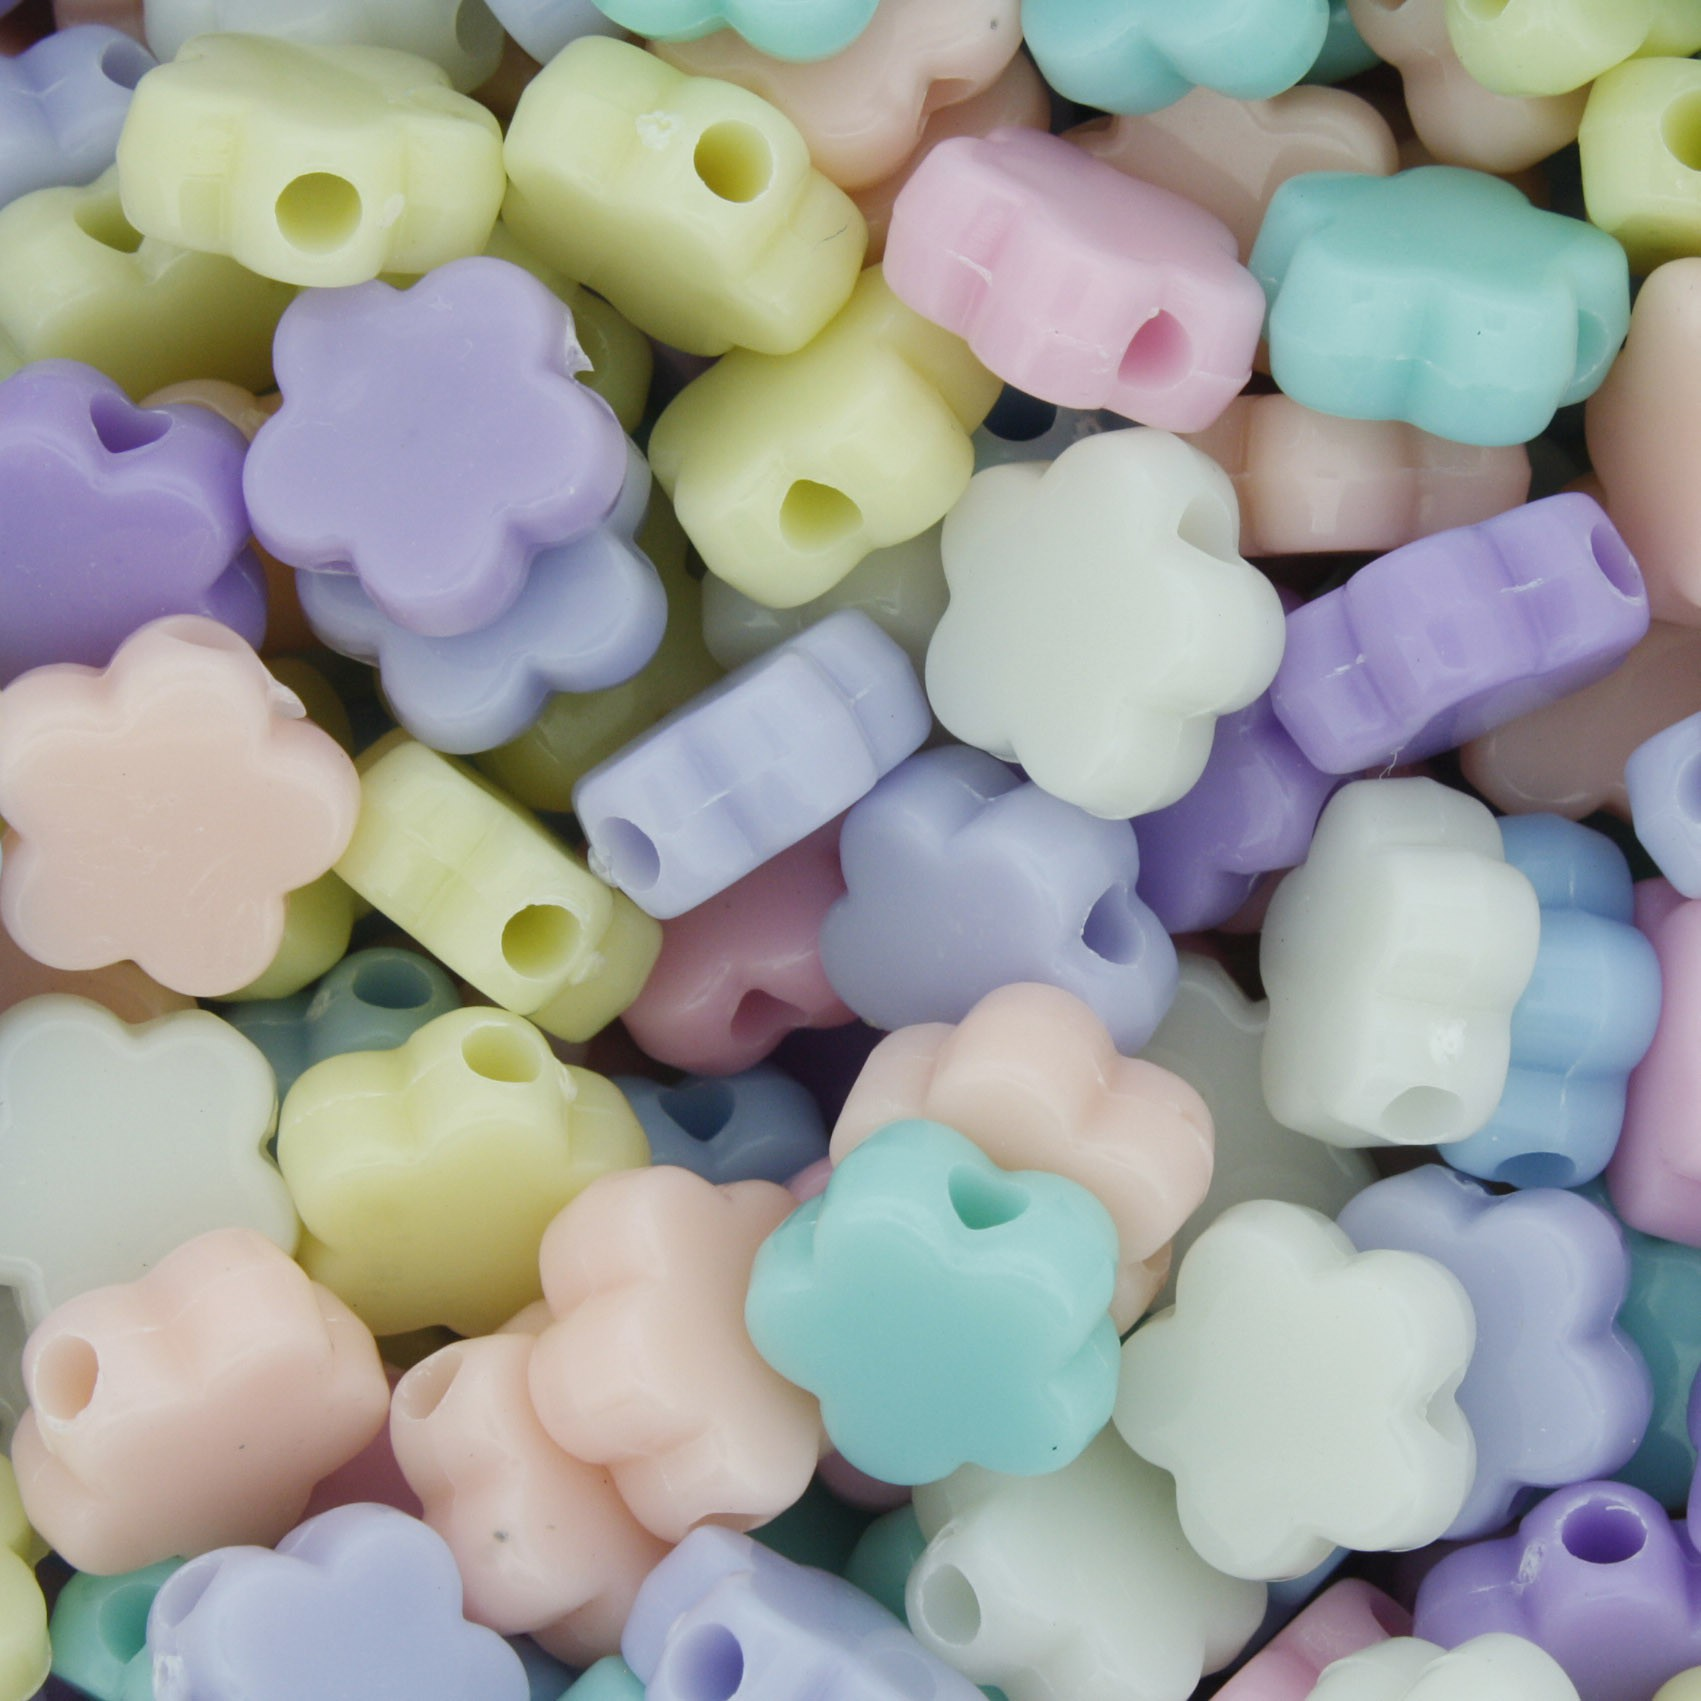 Miçanga Colorida Infantil - Flor Candy  - Stéphanie Bijoux® - Peças para Bijuterias e Artesanato